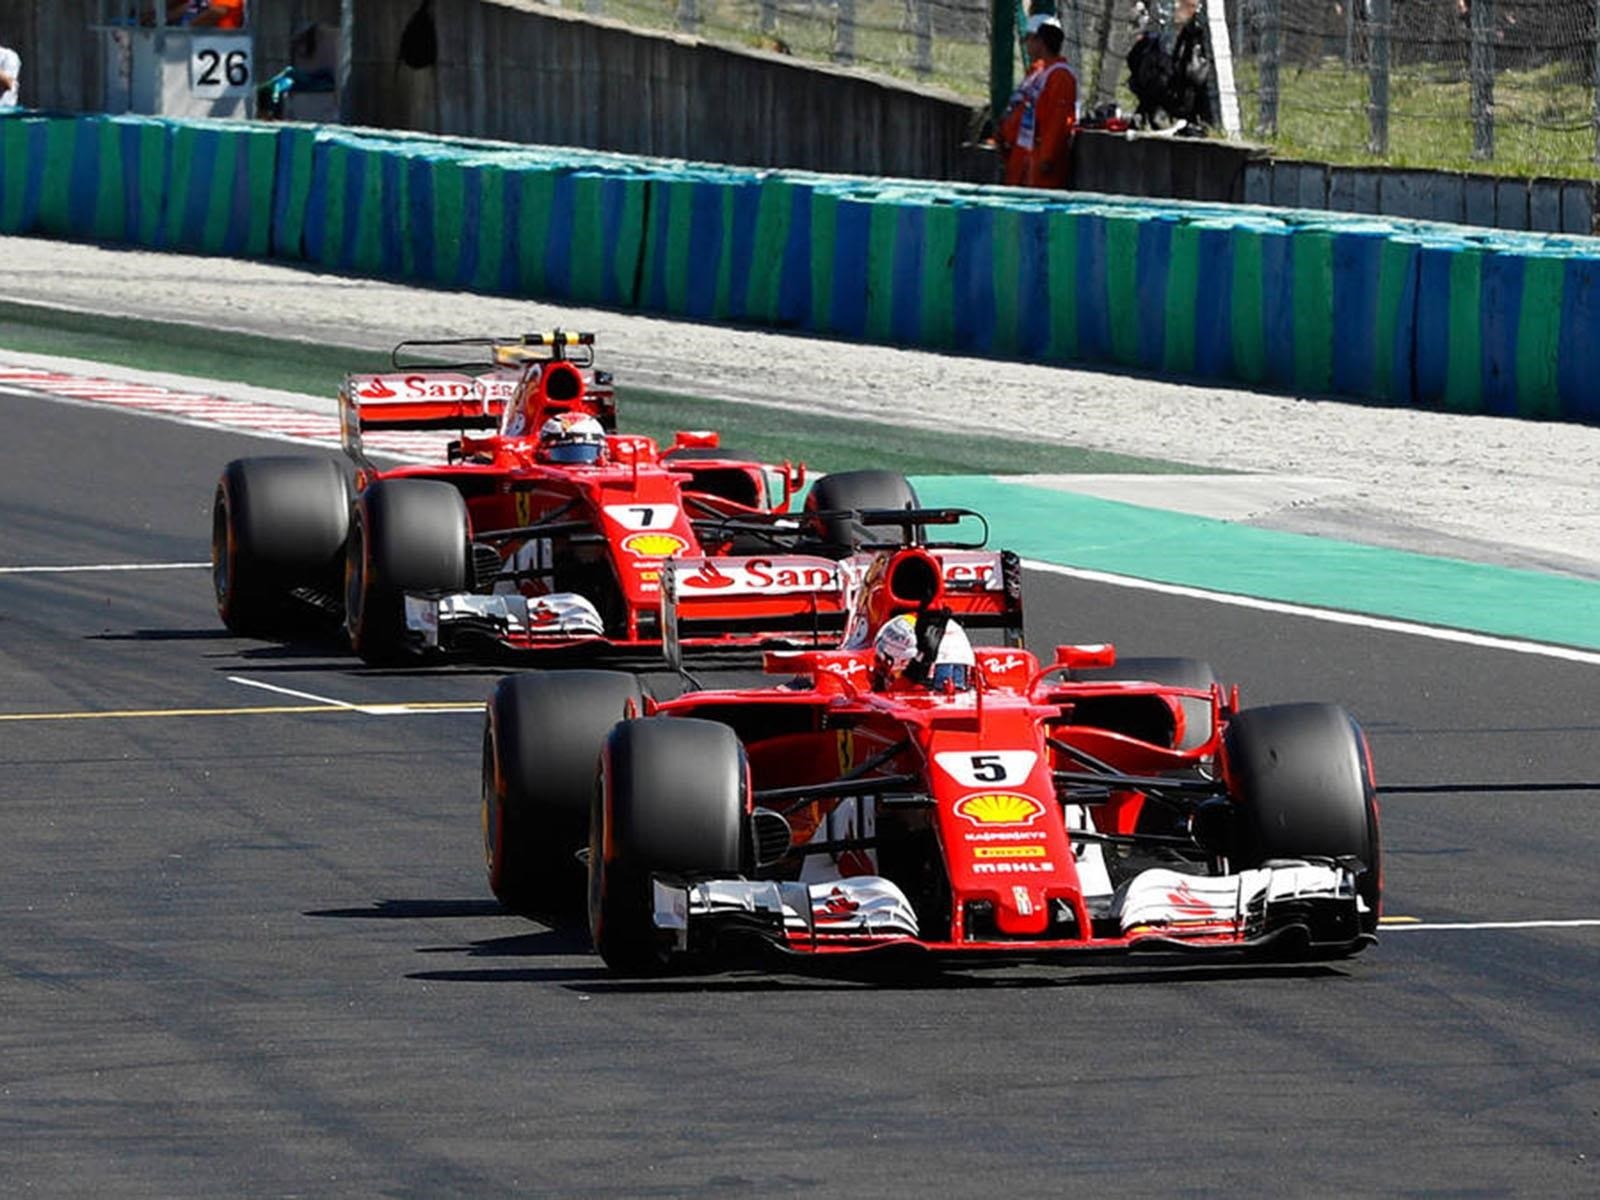 F1 2017: Hungria se tiñe de rojo con el 1-2 de Ferrari